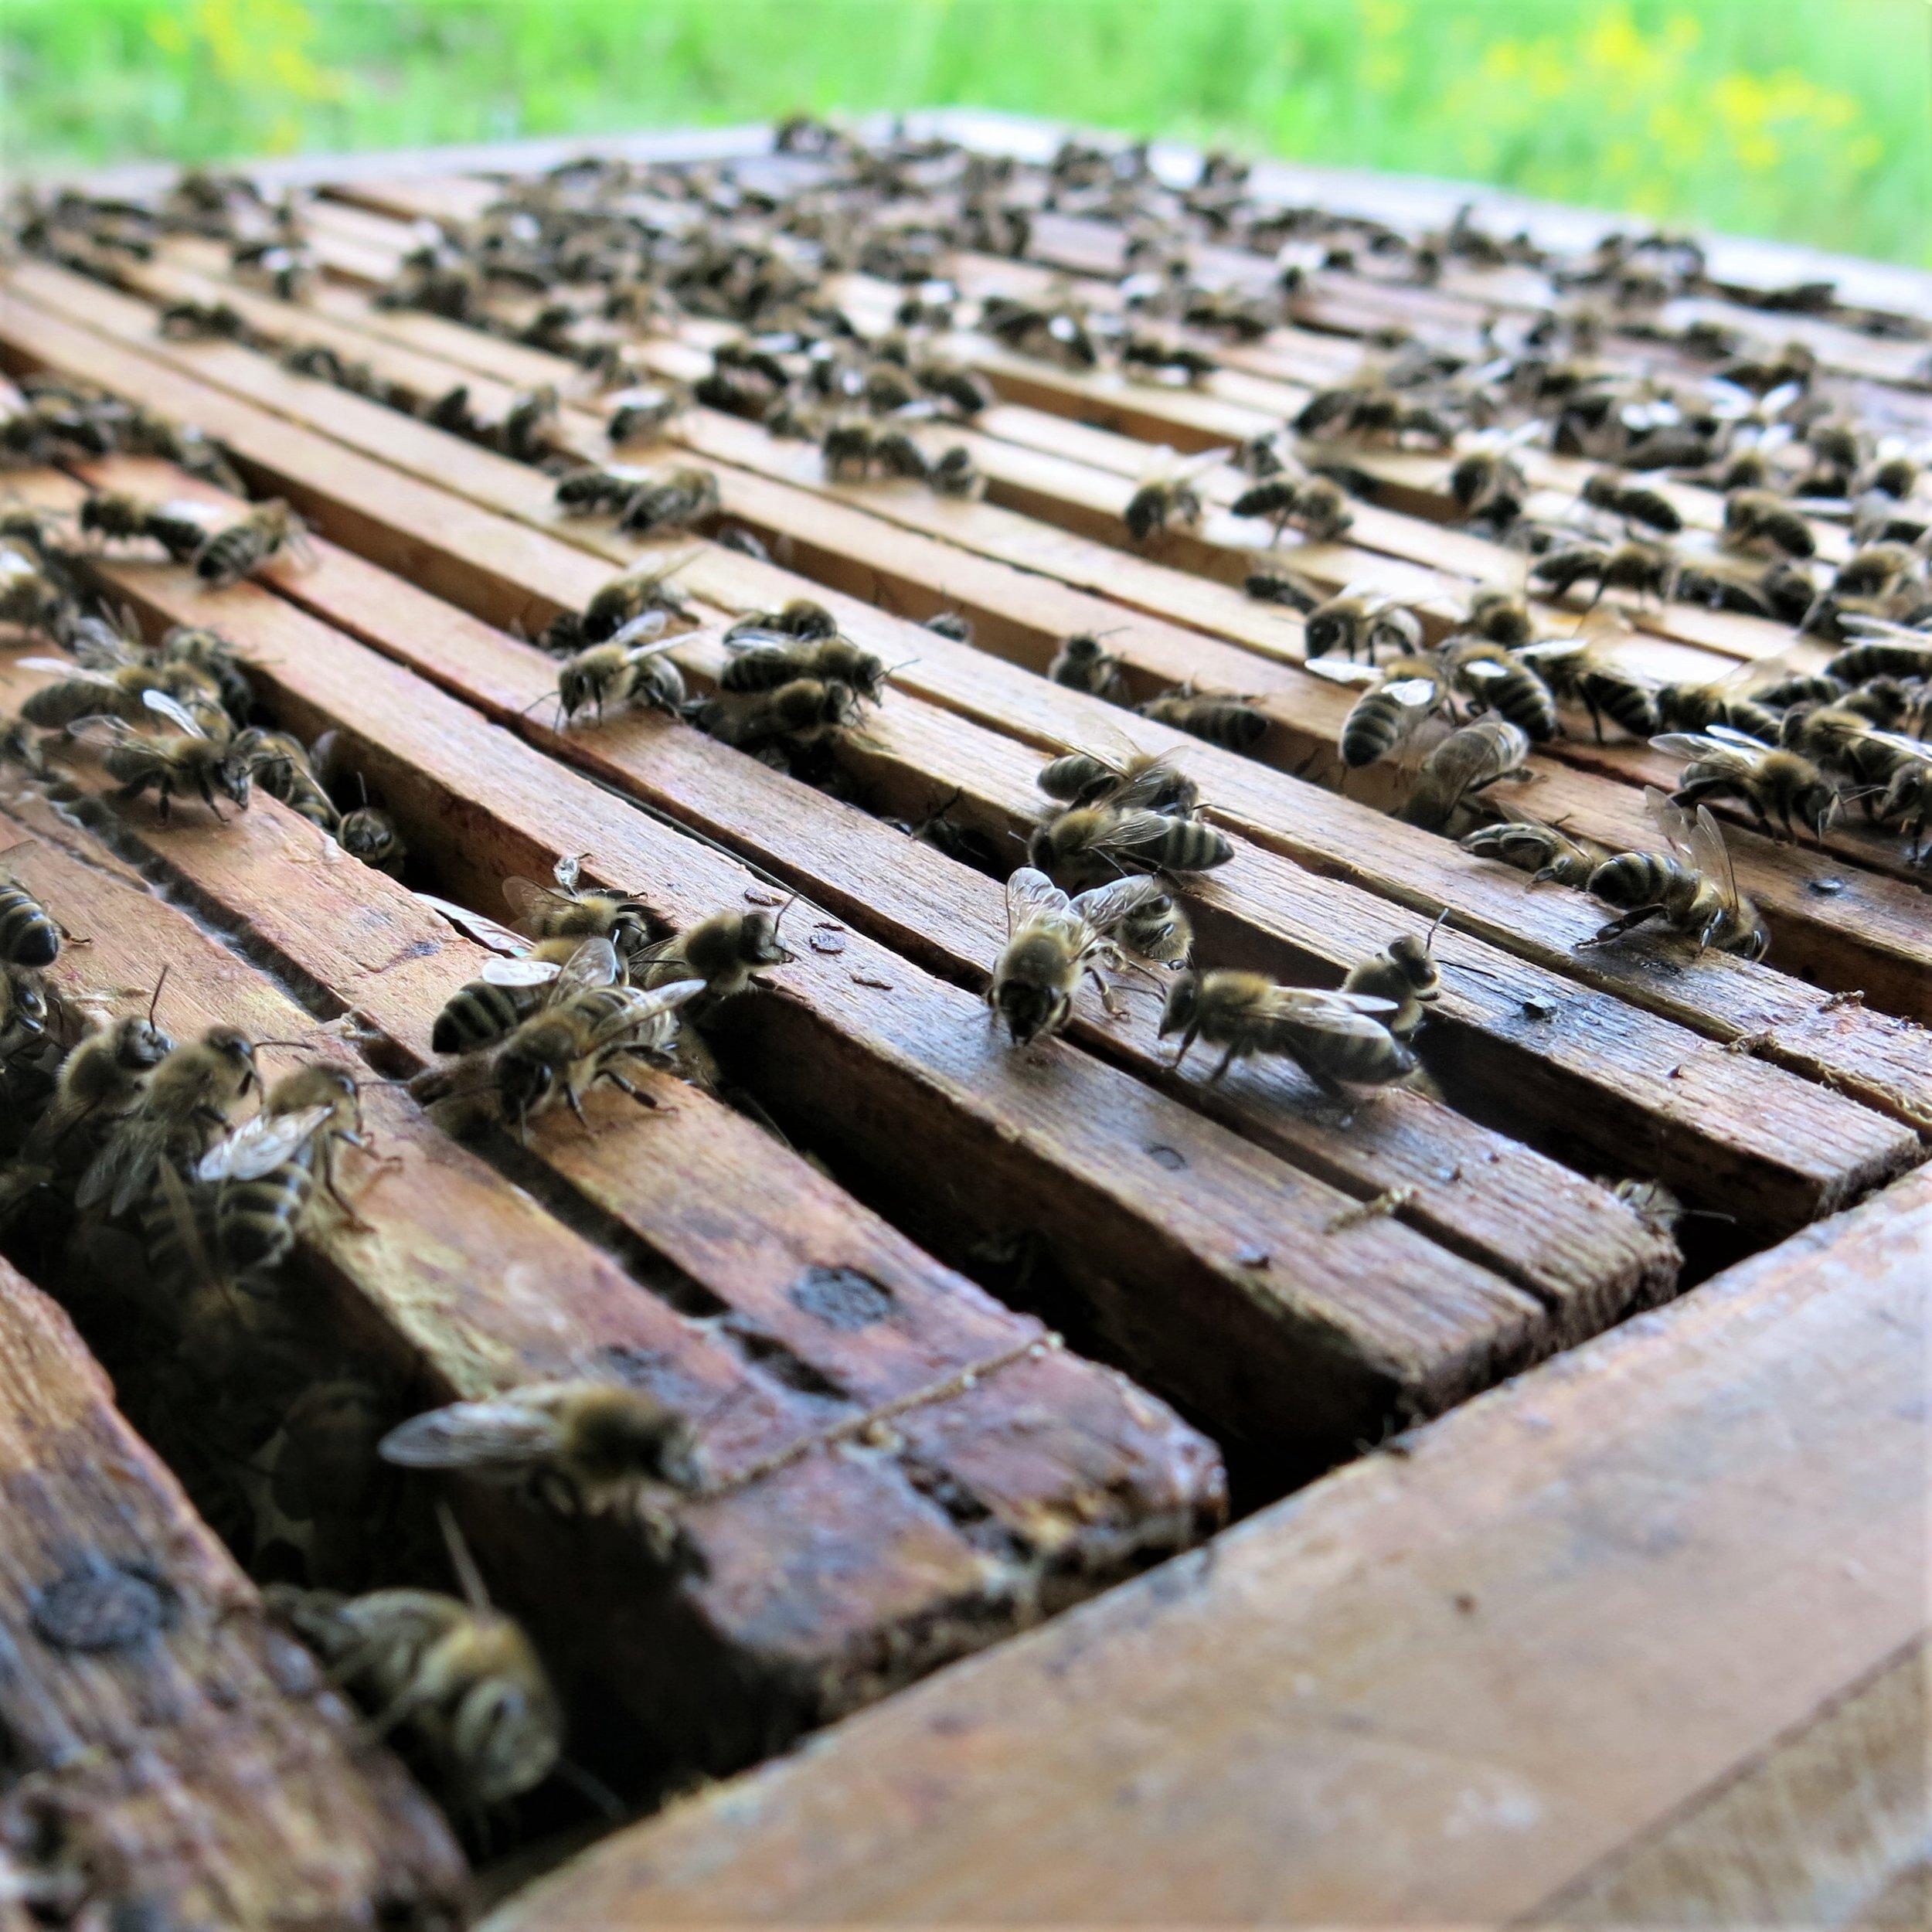 bier oppå kube kvadat.jpg